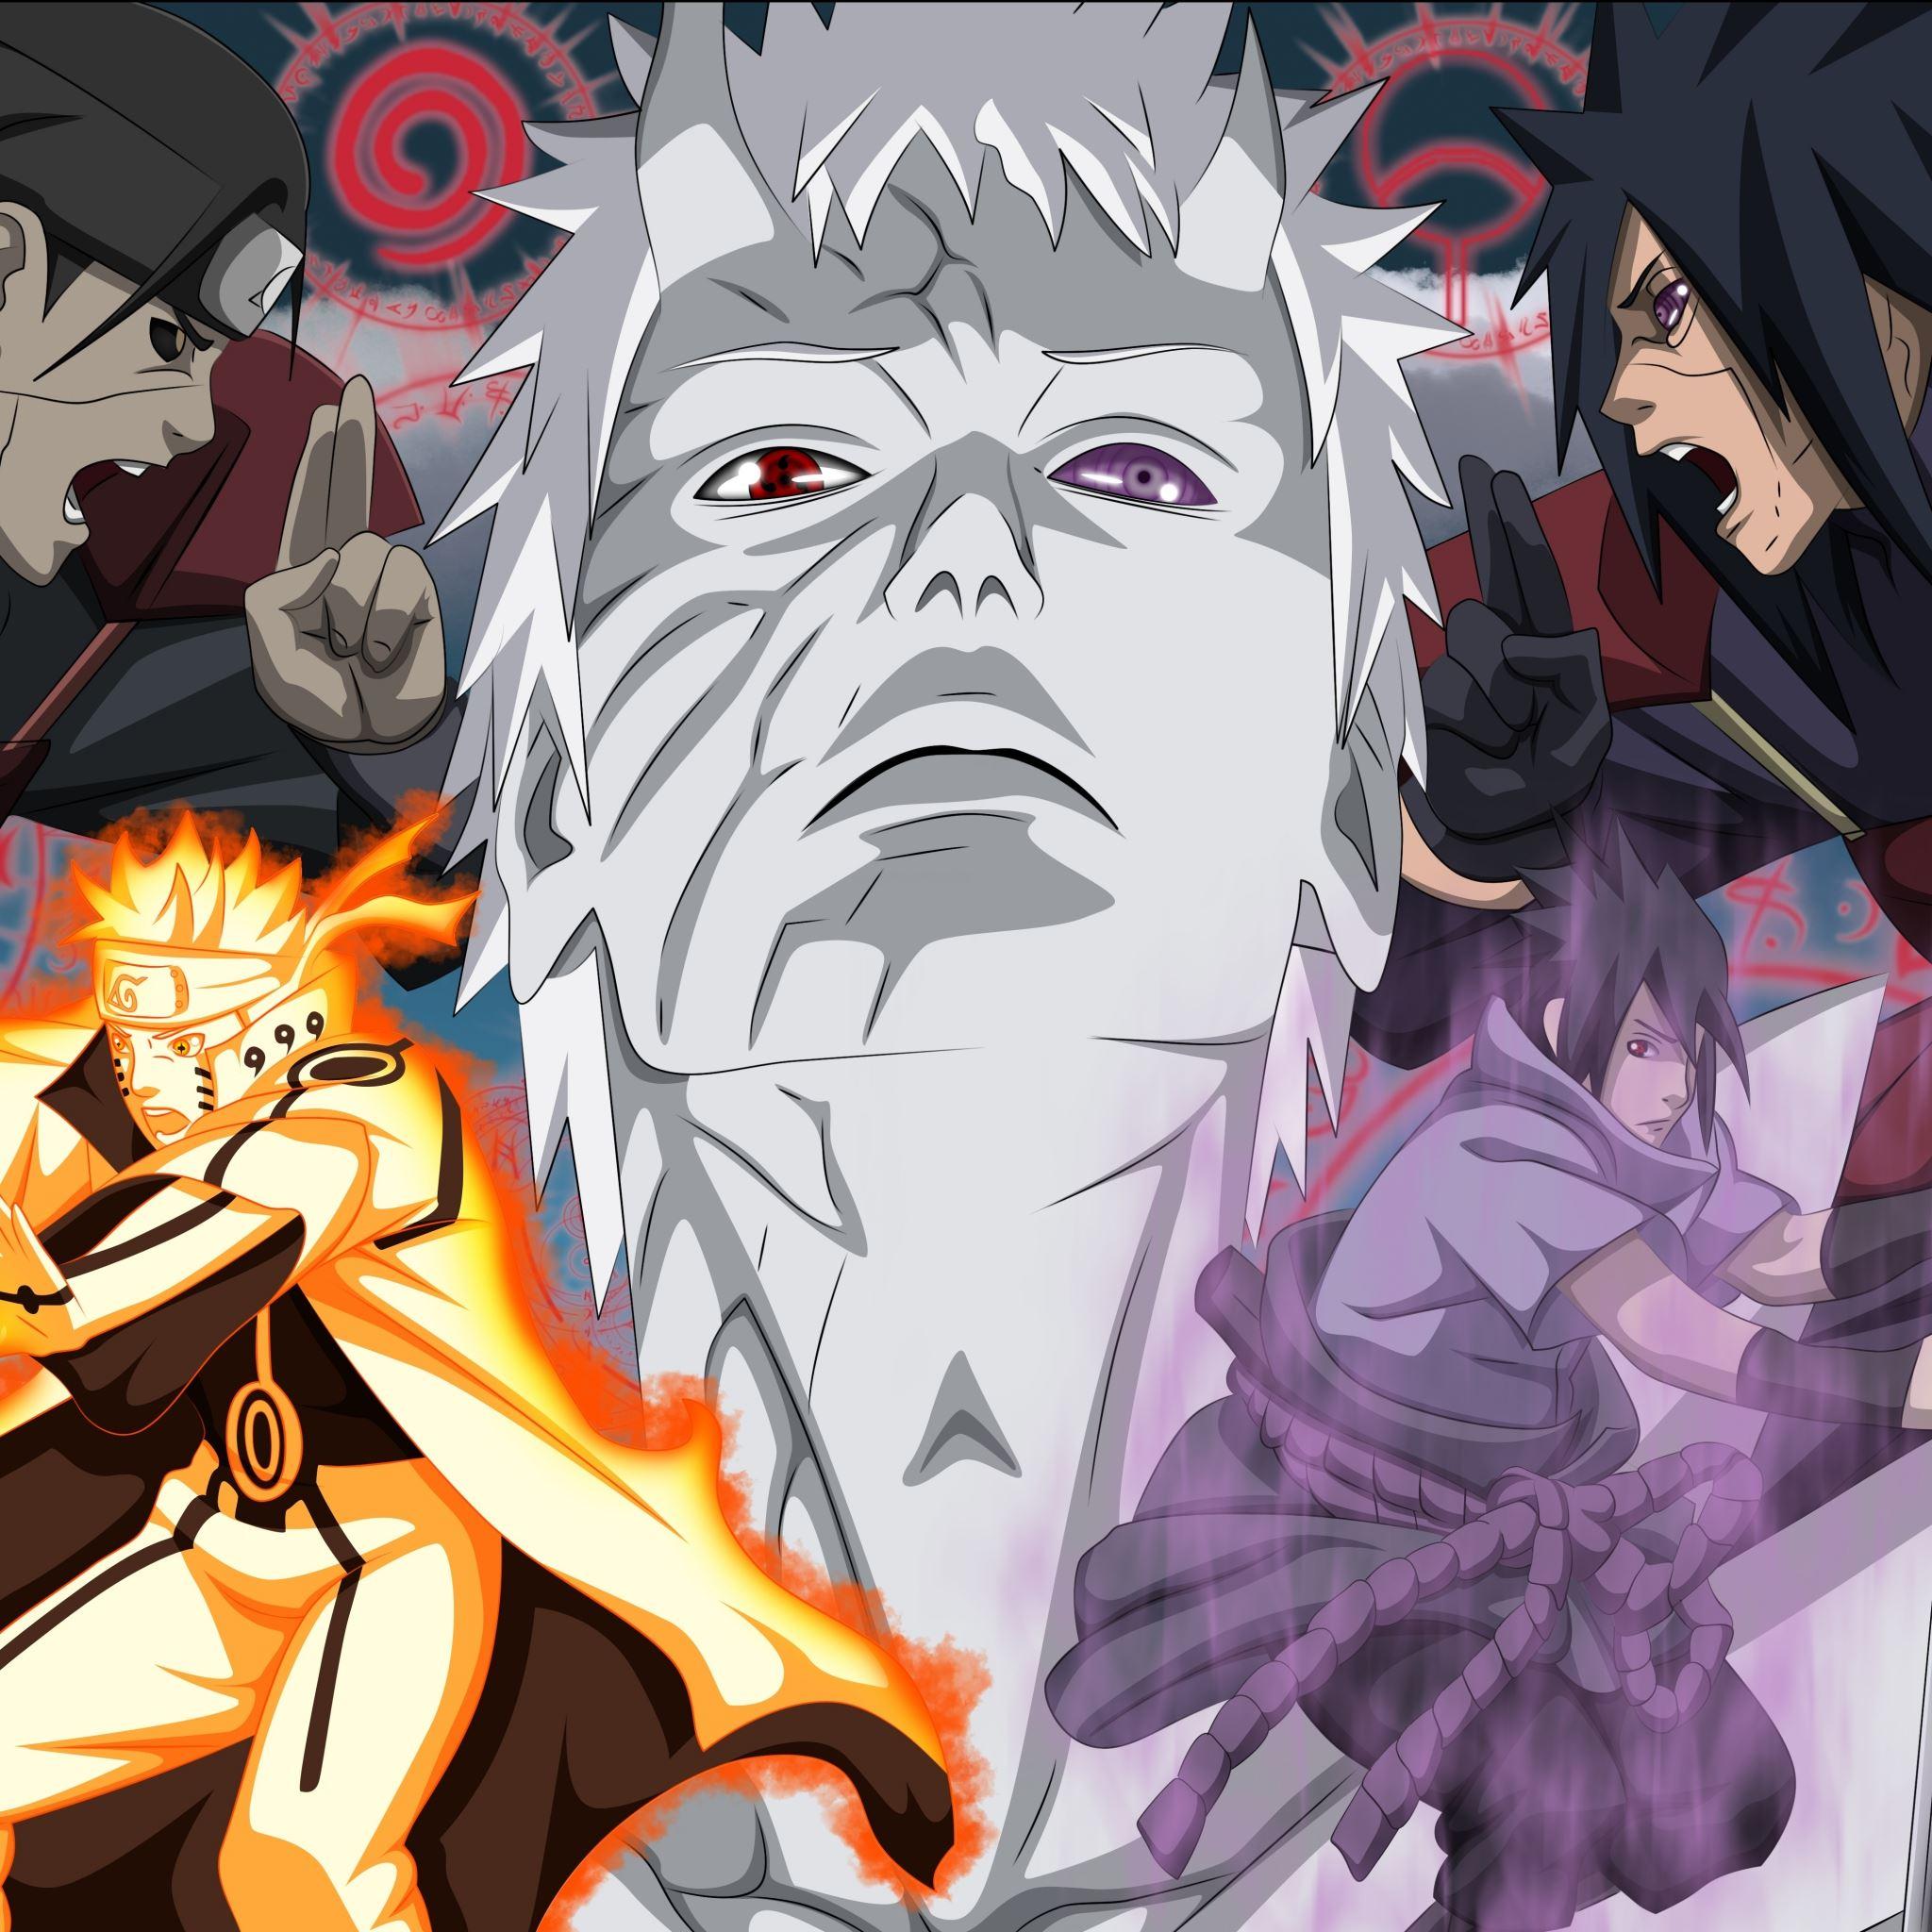 Madara Uchiha Naruto Anime Obito Tobi Akatsuki iPad Air wallpaper